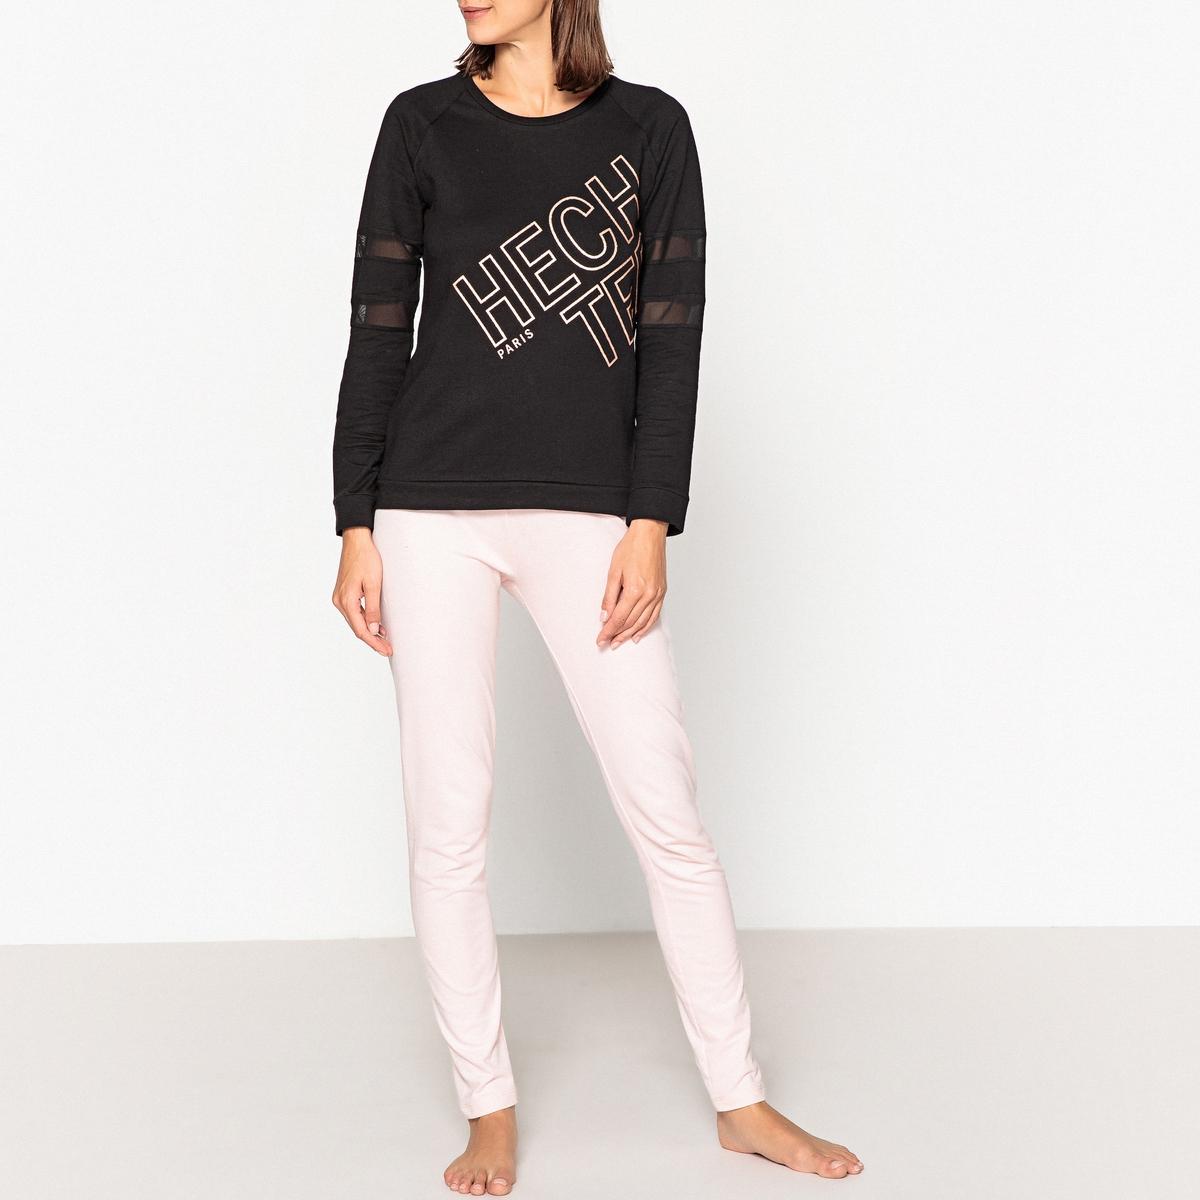 Pijama em algodão, estampado com logótipo